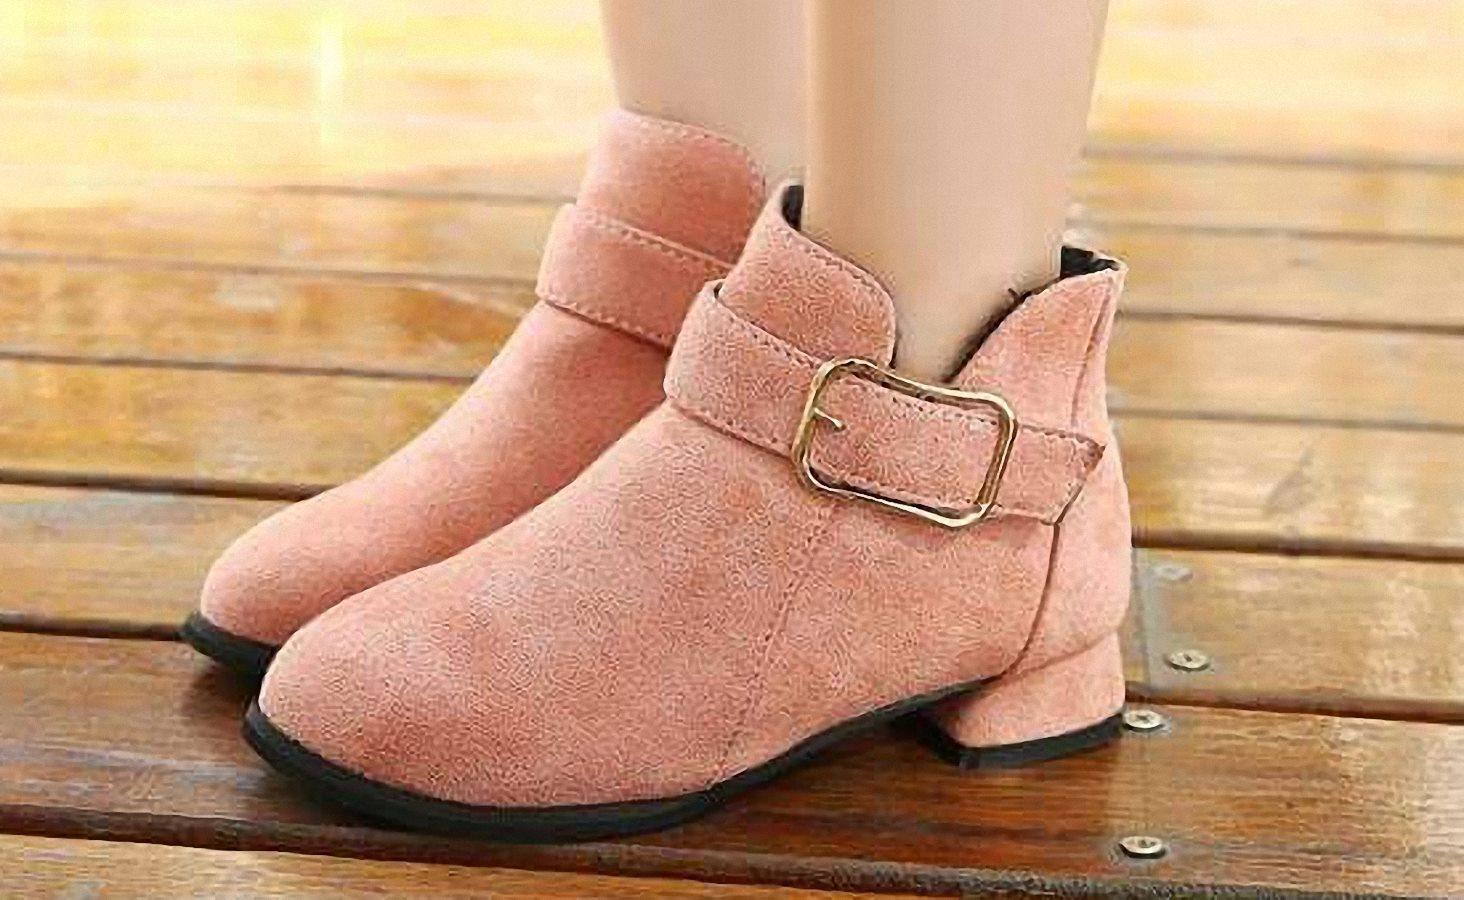 Giá bán Giày boot cao cấp  cho bé phong cách hàn quốc 3 tuổi đến 13 tuổi : B07